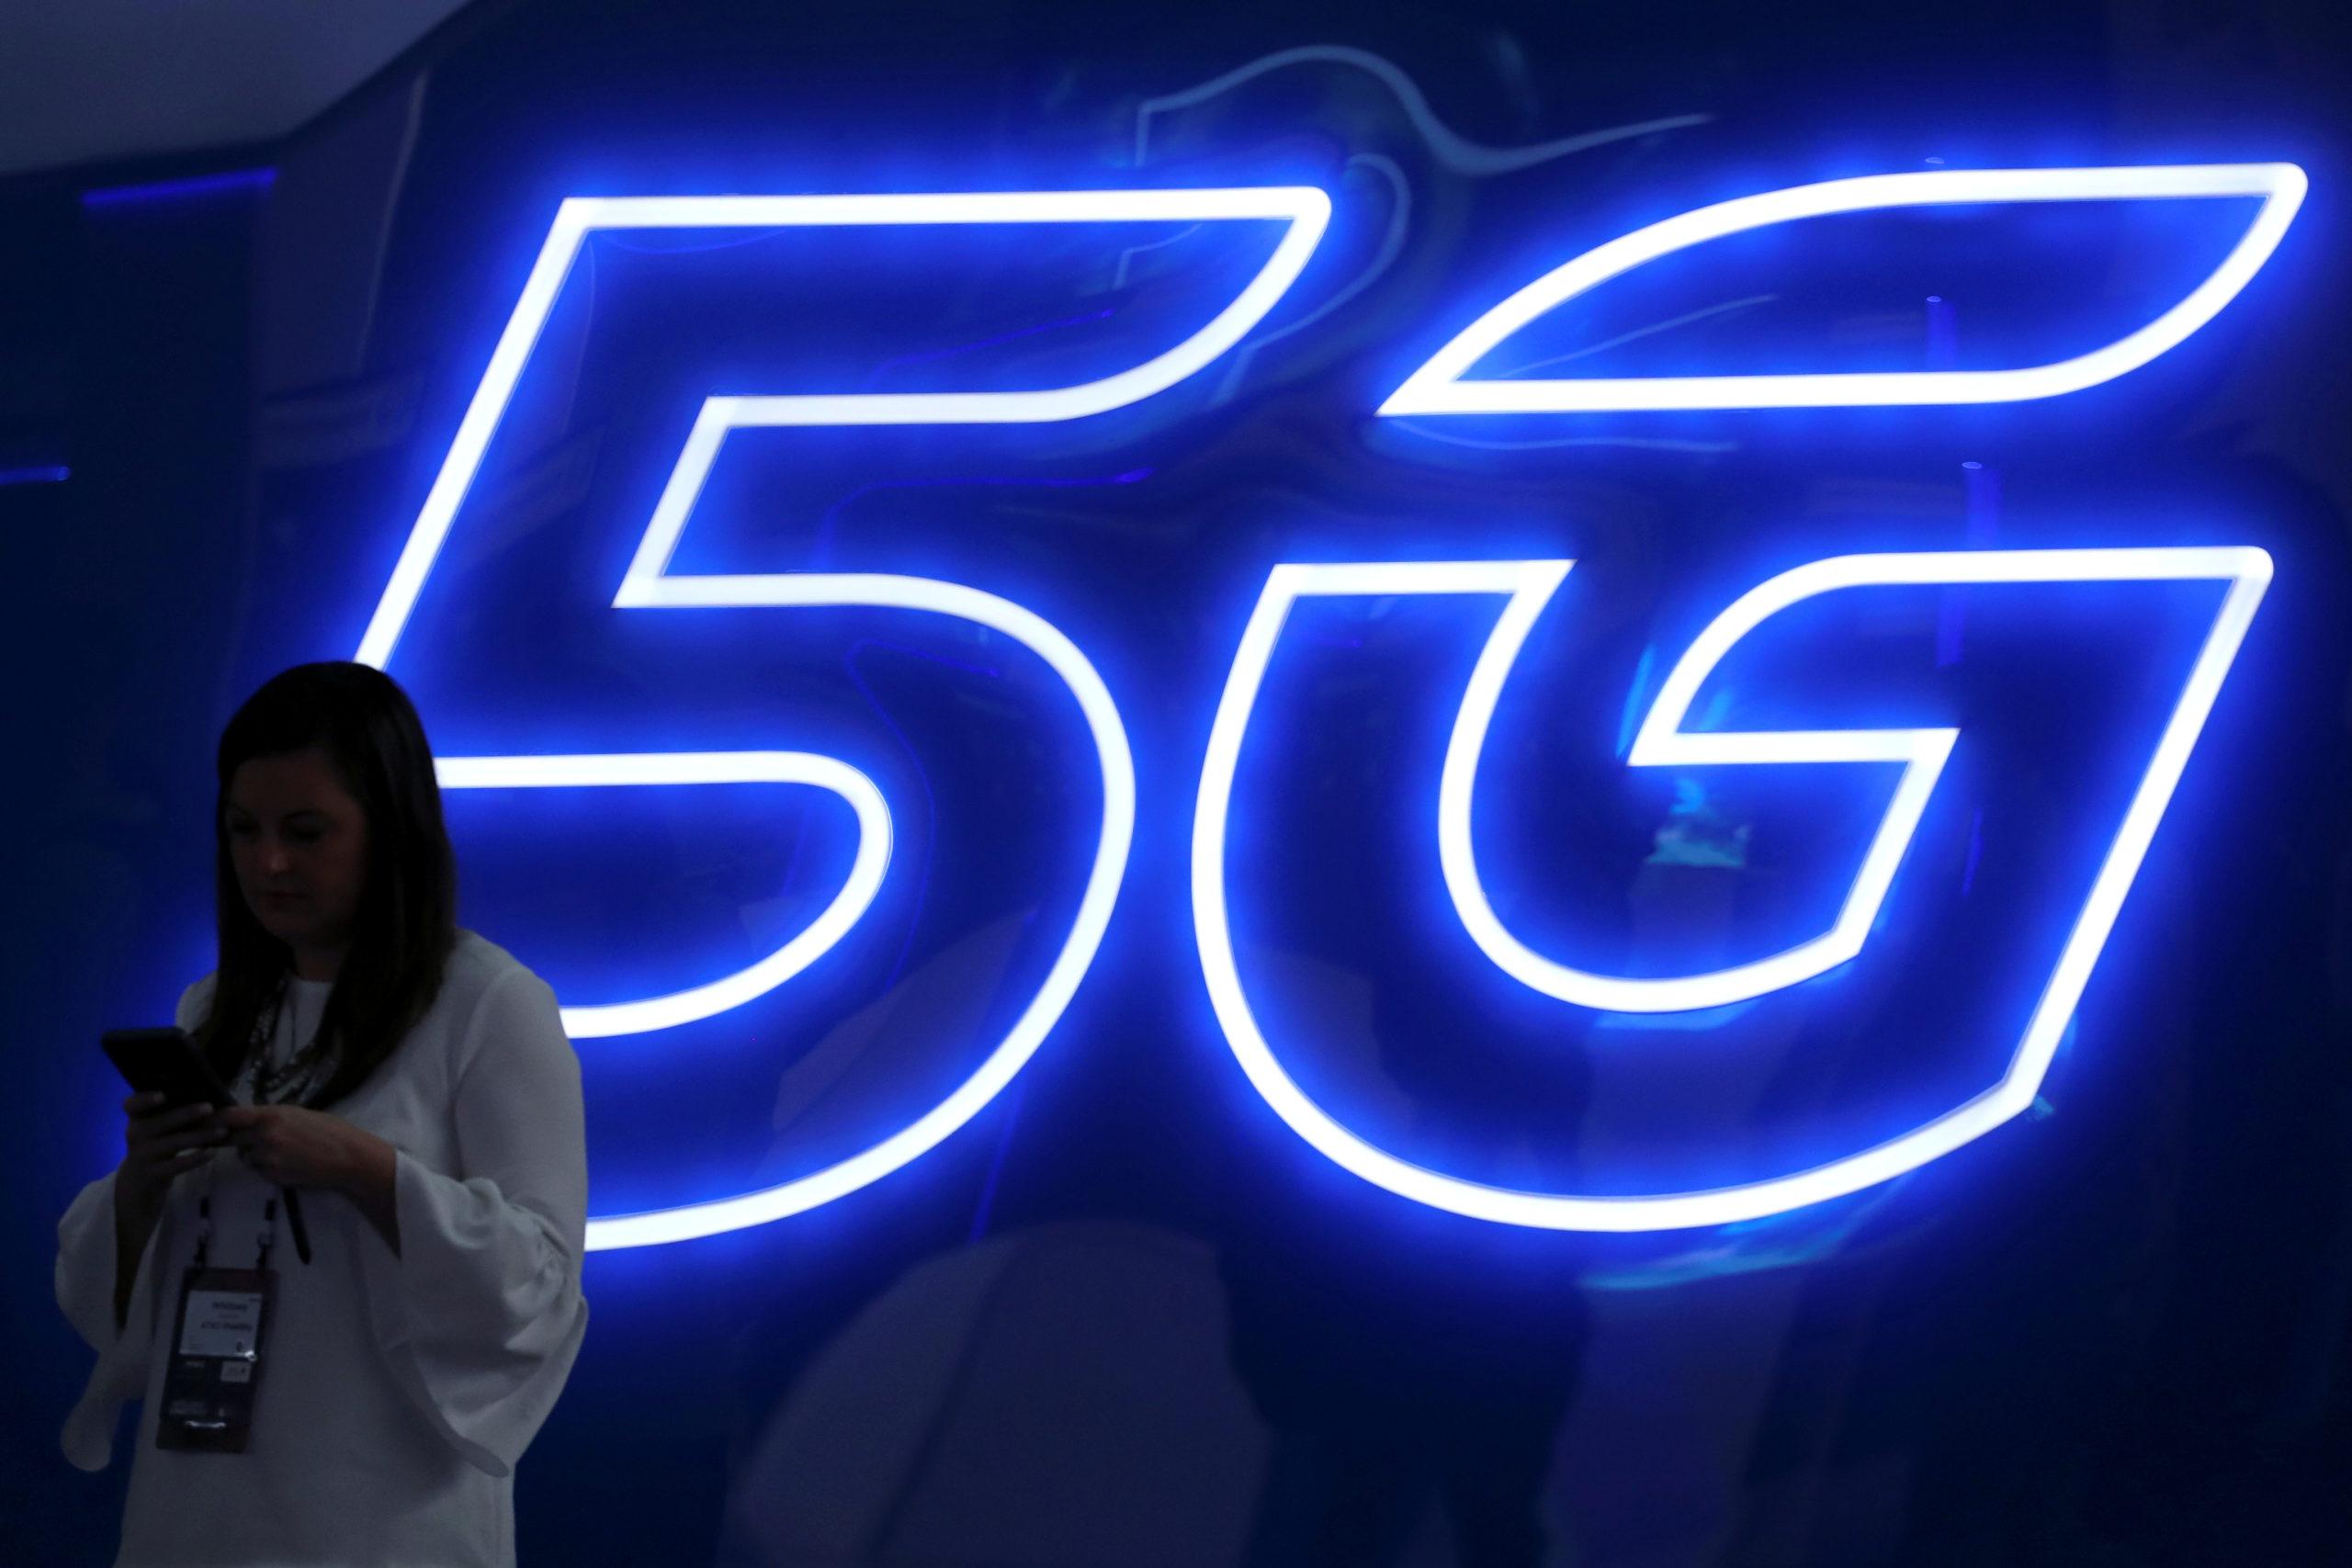 L'Arcep transmet le cahier des charges de la 5G au gouvernement